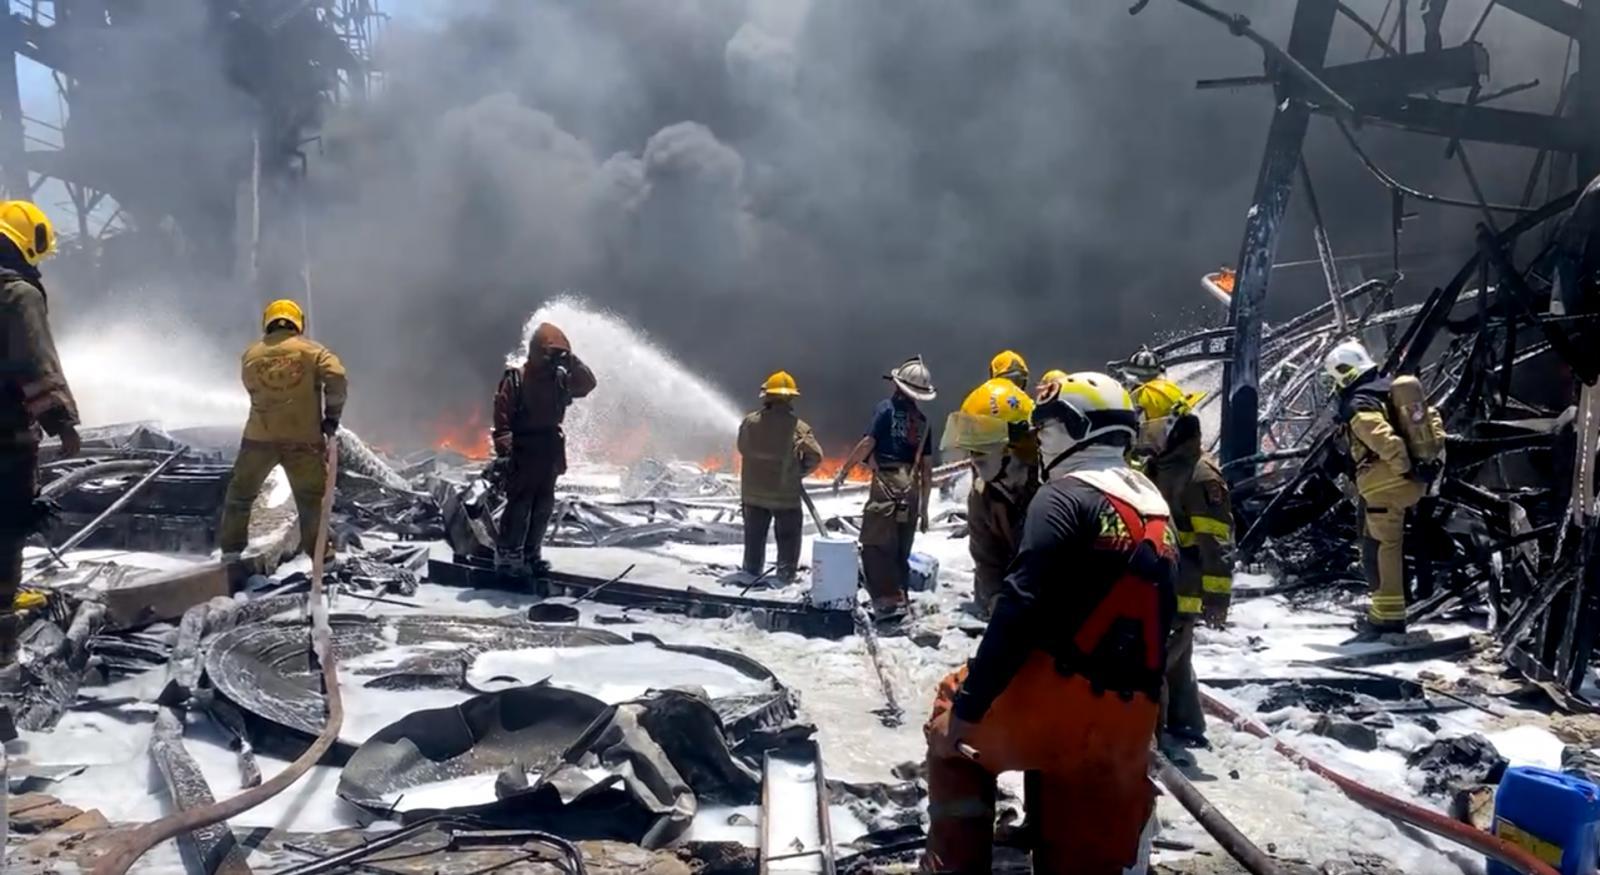 ระเบิดรอบ 2 ไฟไหม้โรงงานกิ่งแก้ว  ดับเพลิงเจ็บ 4 เจอศพอาสาสมัครดับคากองเพลิง